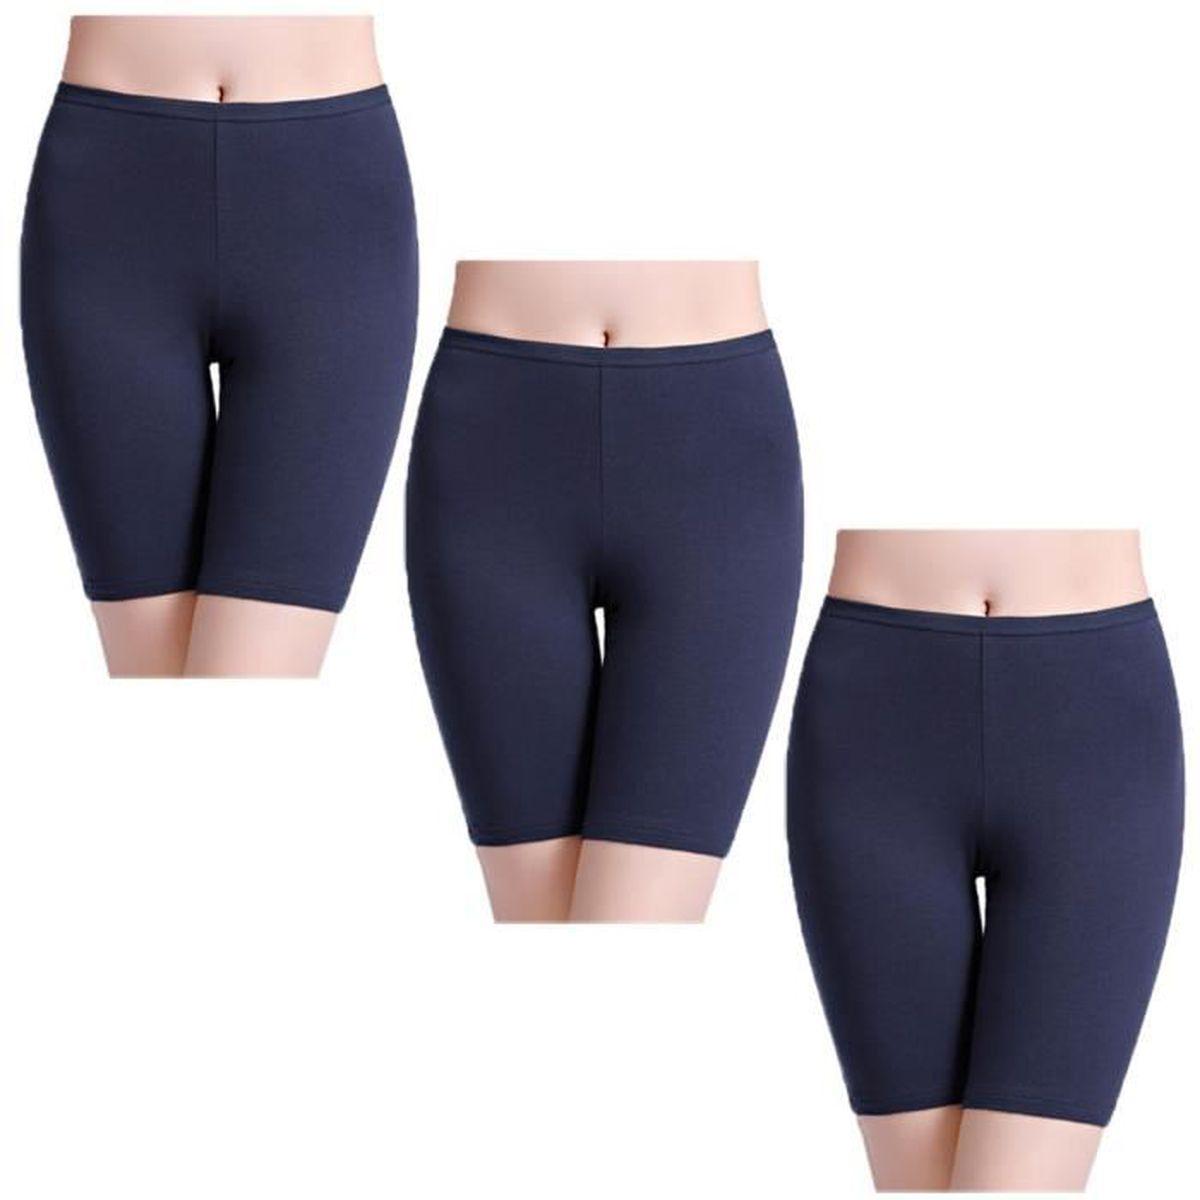 c4acb32325 Panty Coton Cycliste Shorty Femme Long Culottes Boxer Short Legging ...